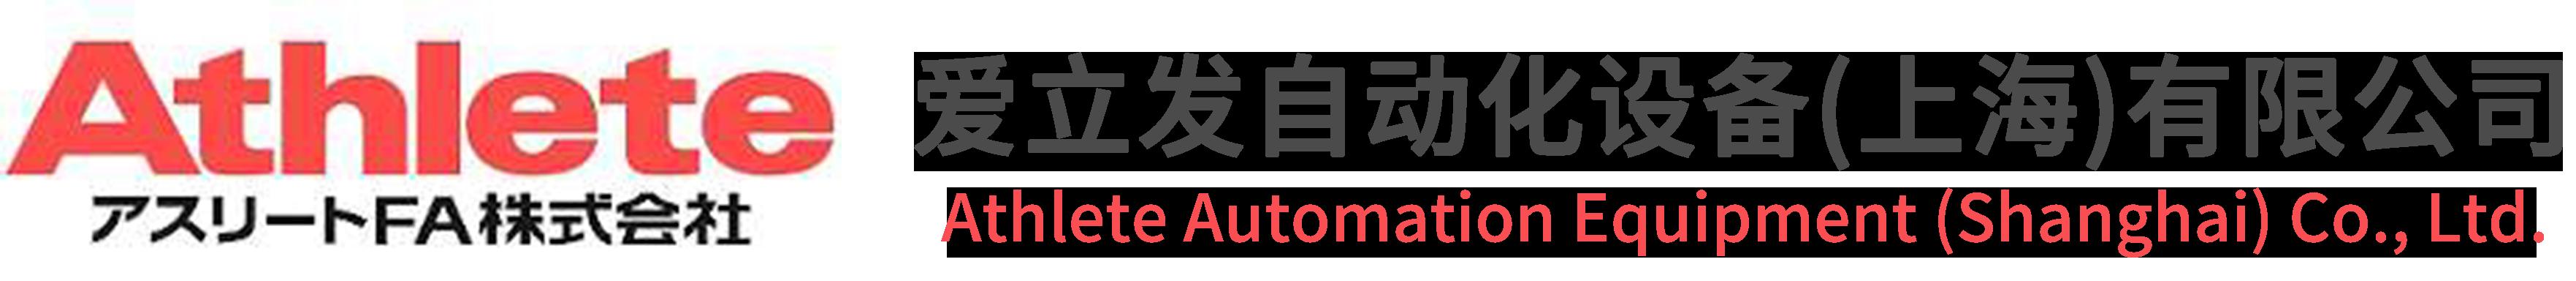 爱立发自动化设备(上海)有限公司